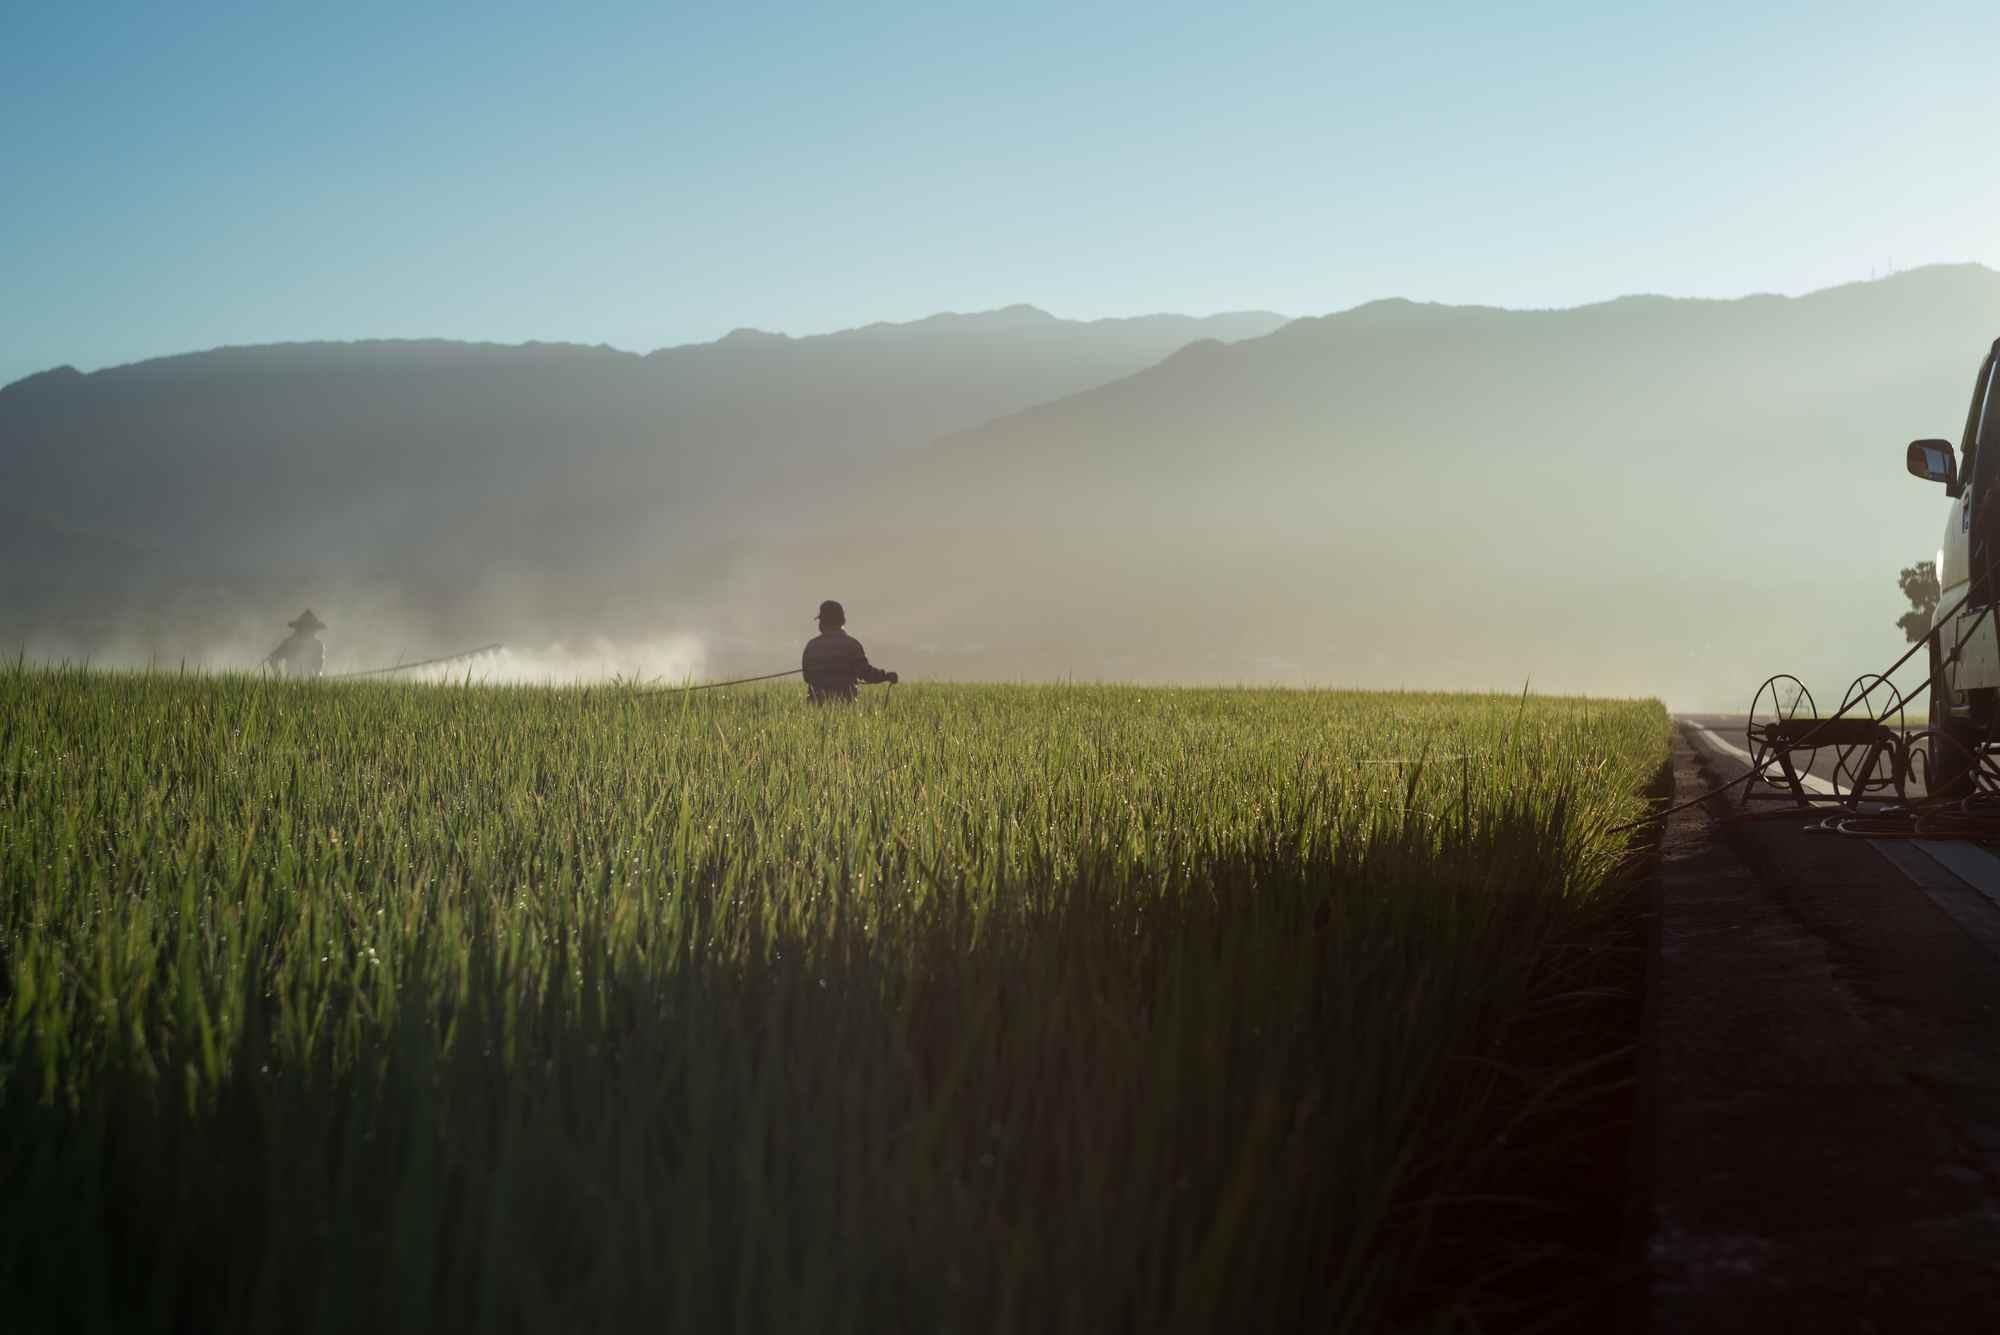 Sylwetka osoby na polu trawy